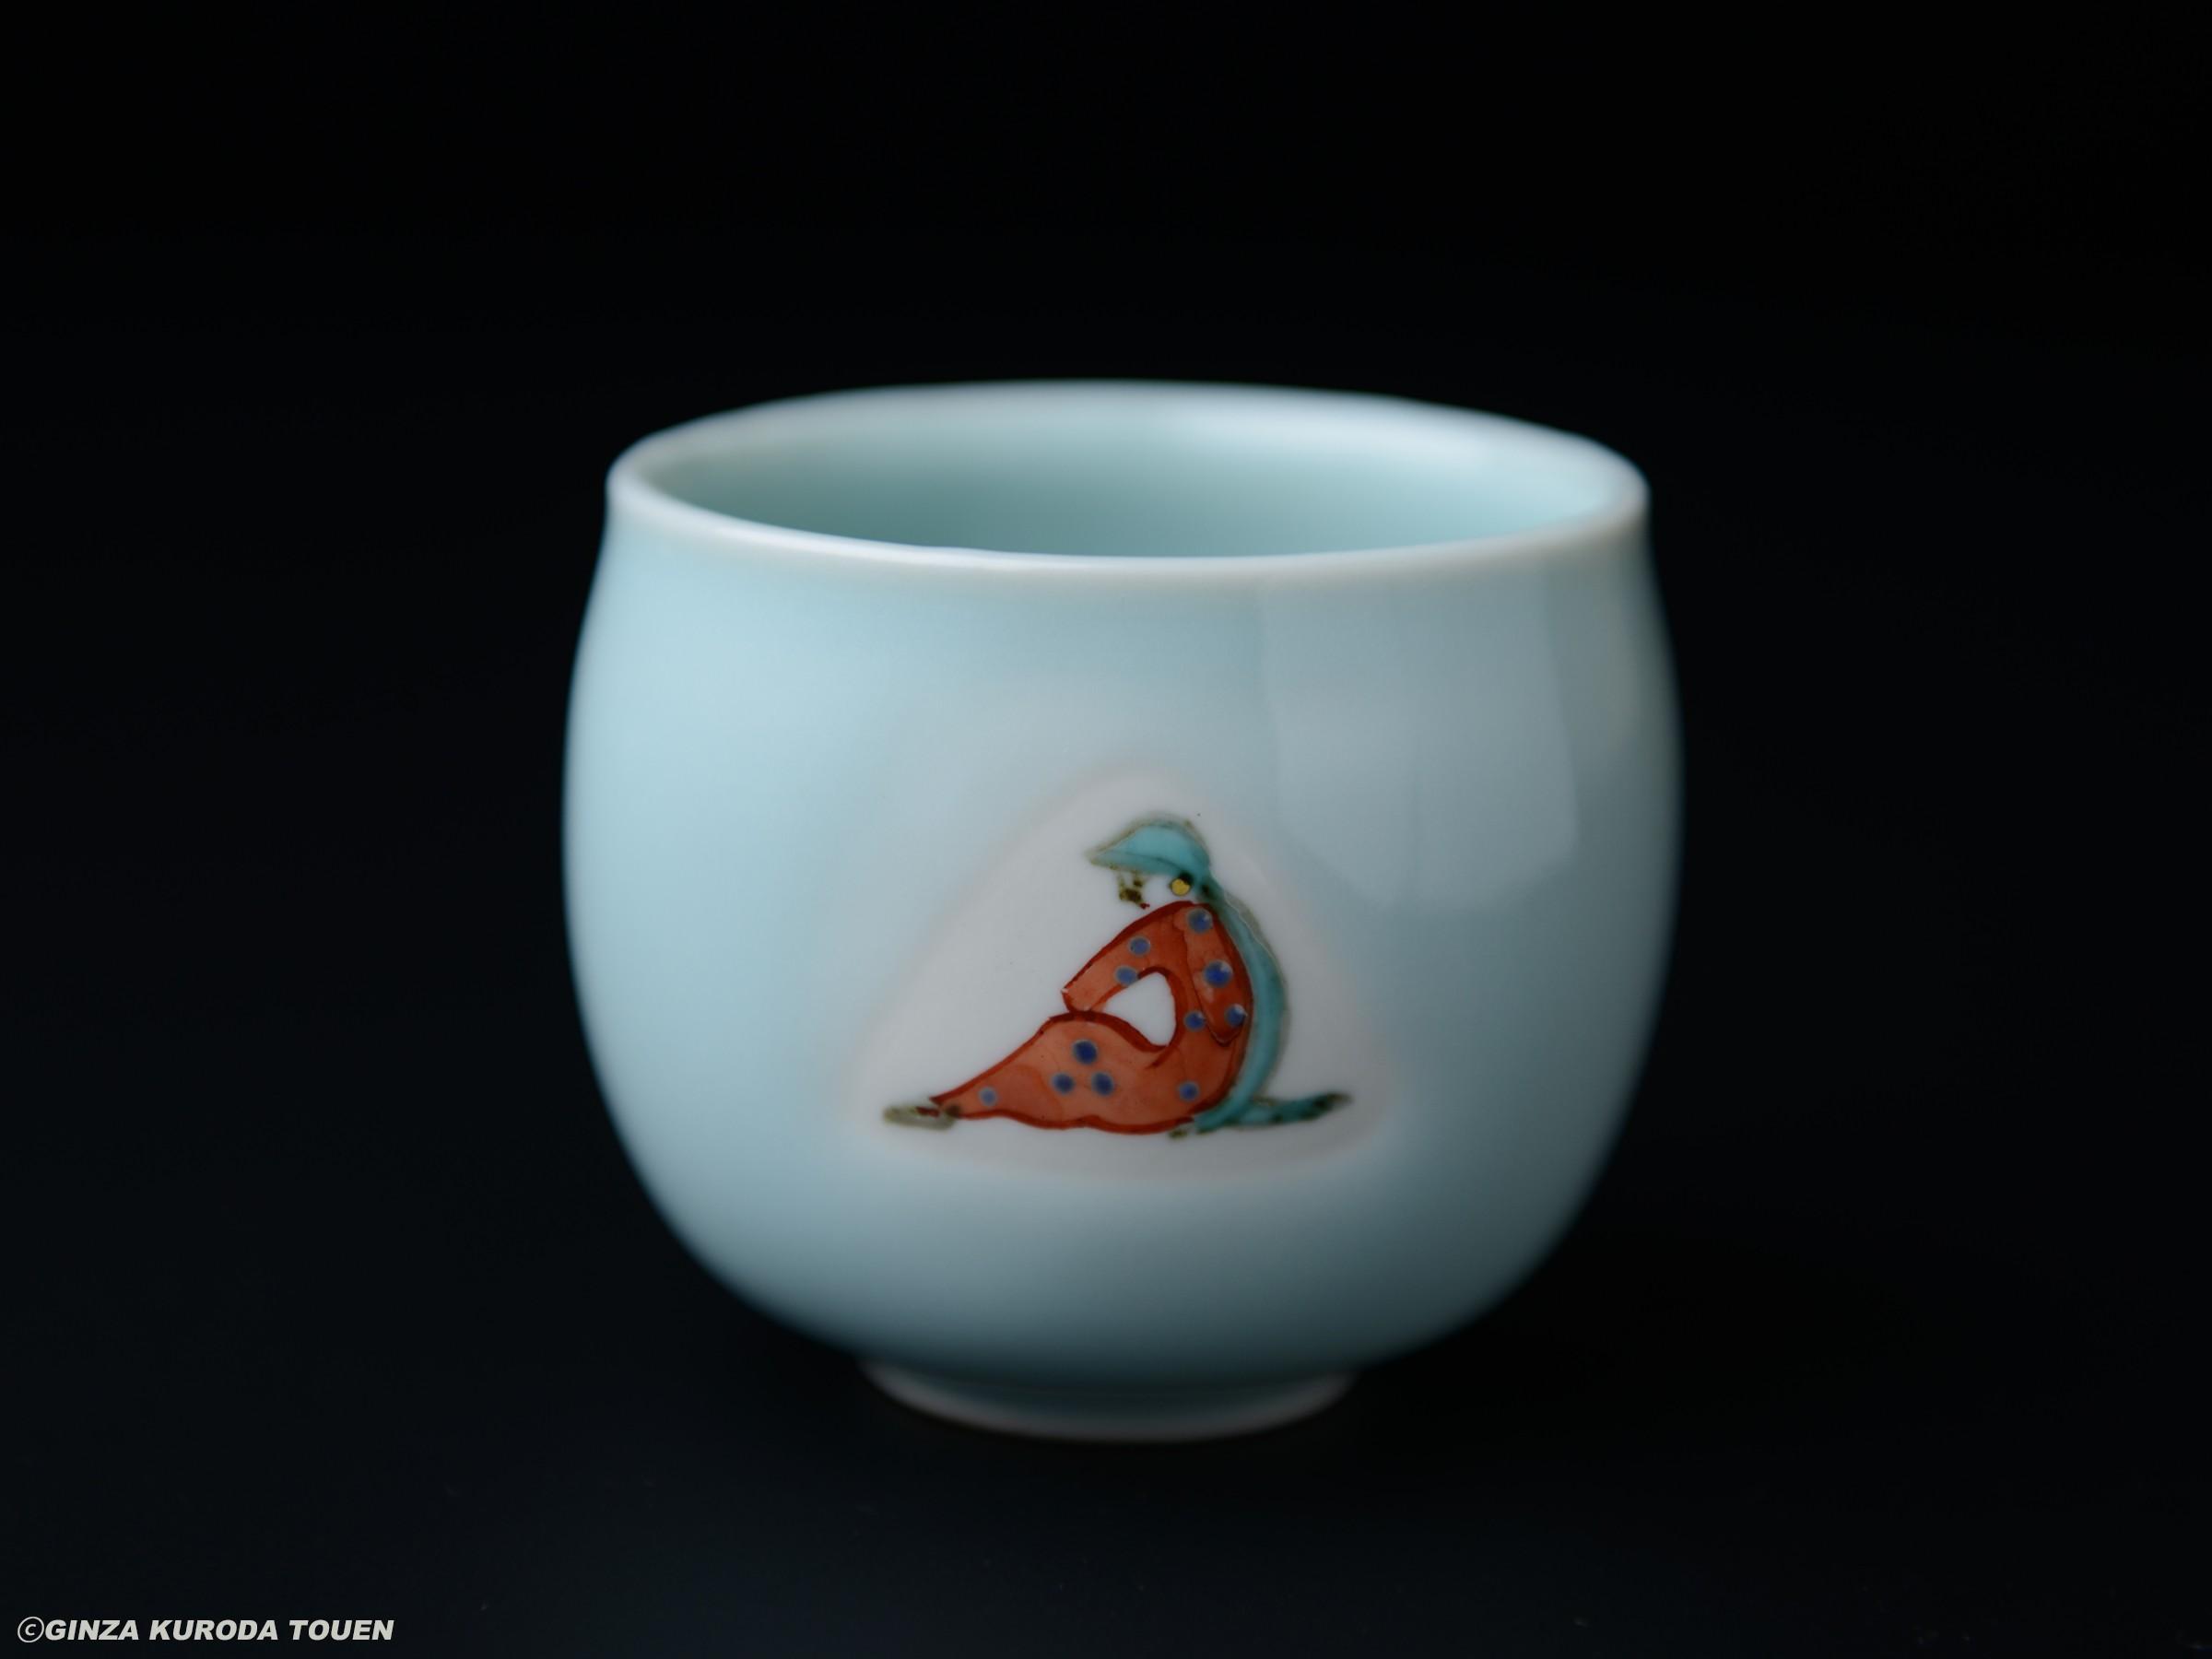 Koheiji Miura   Sake cup, Celadon type, Afghan girl design